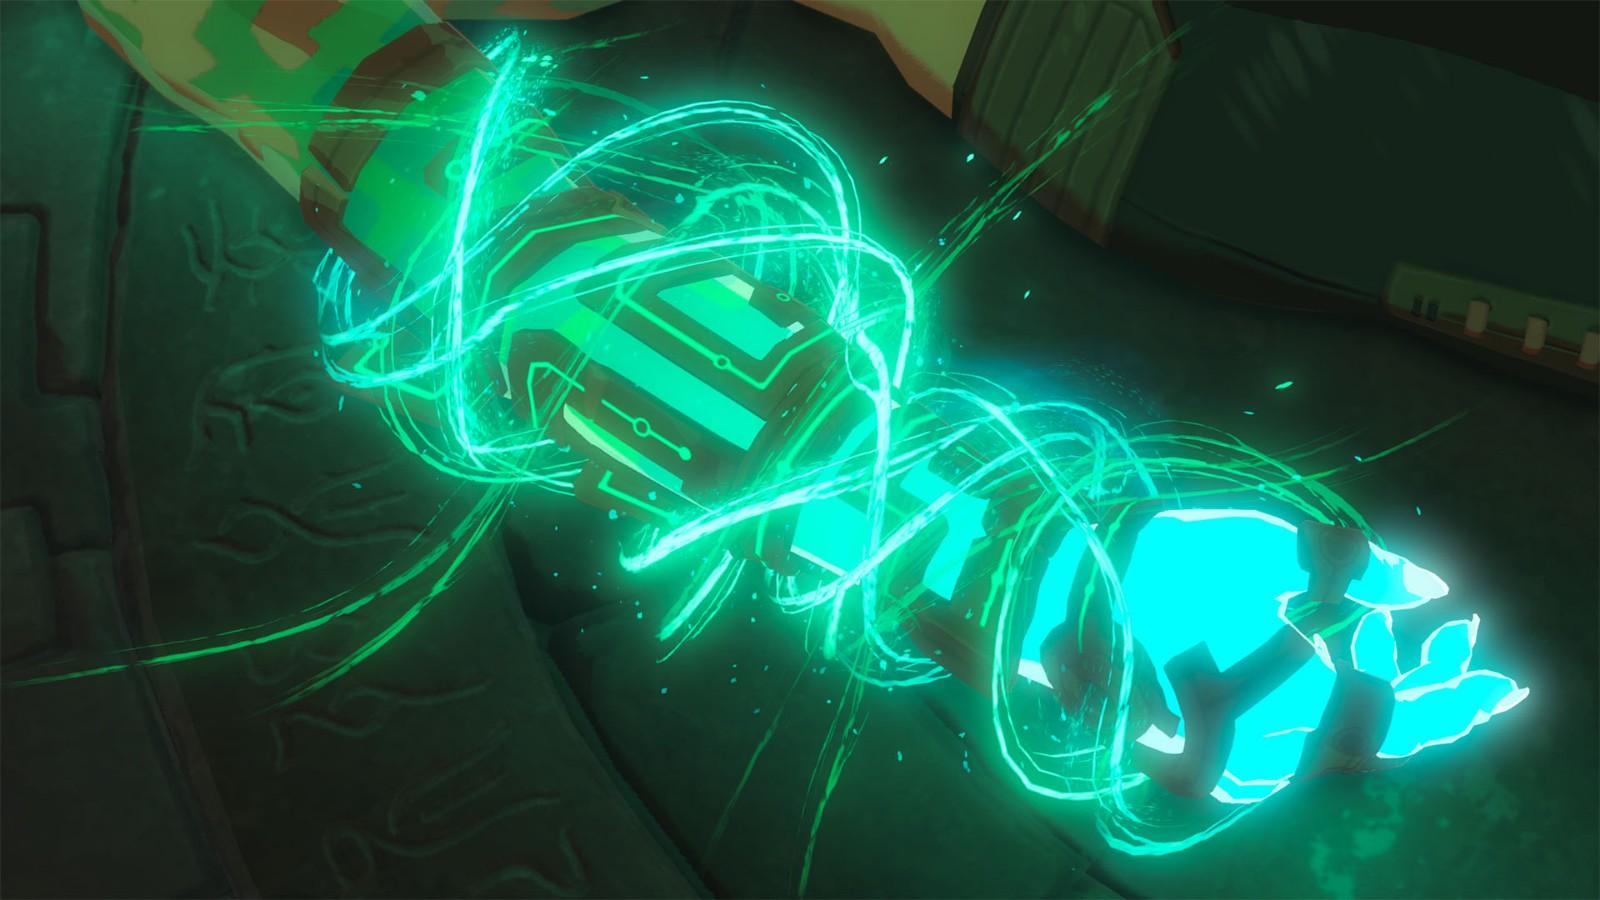 《塞尔达传说:旷野之息2》新截图 光照效果真棒